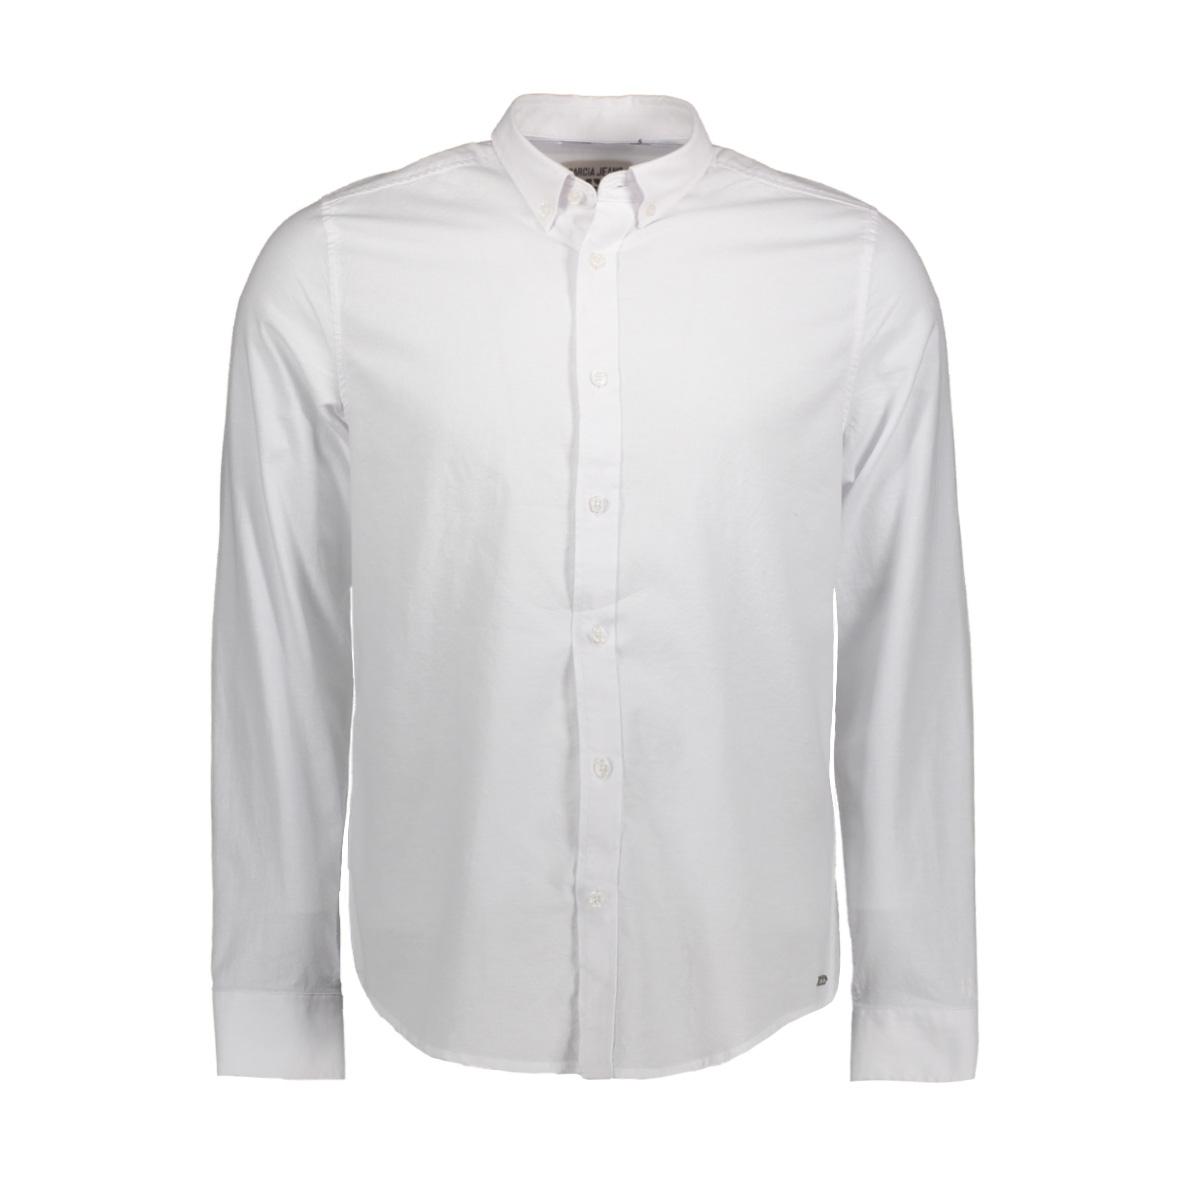 h71229 garcia overhemd 50 white